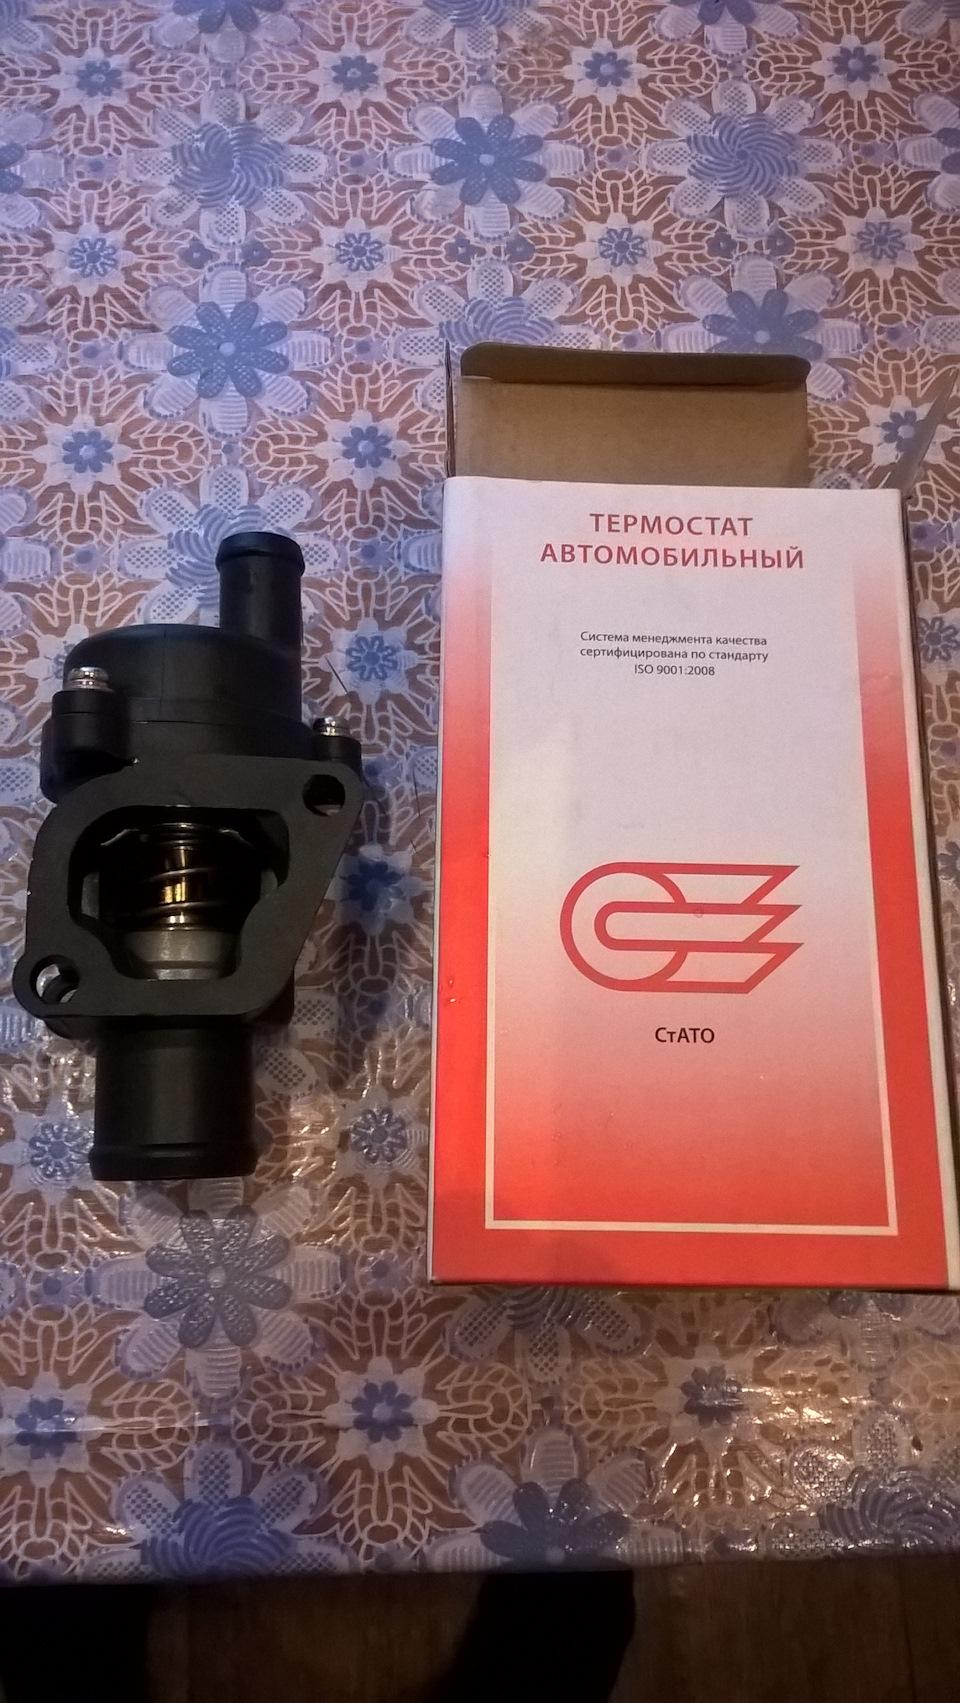 vgAAAgN  OA 960 - Термостат гранта замена термоэлемента